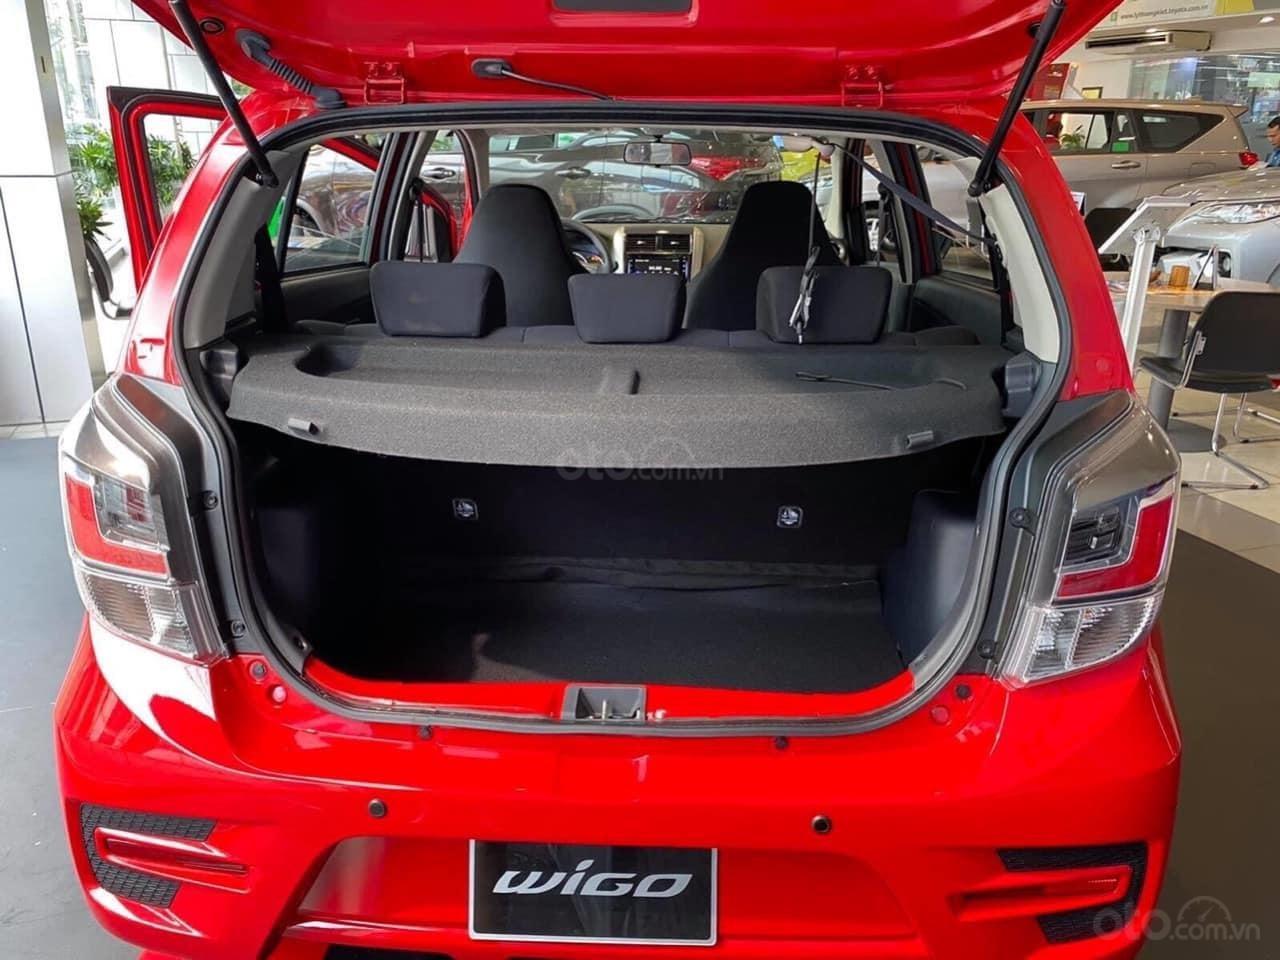 Cần bán xe Toyota Wigo 1.2AT sản xuất 2021 trả trước 130 triệu nhận xe (6)